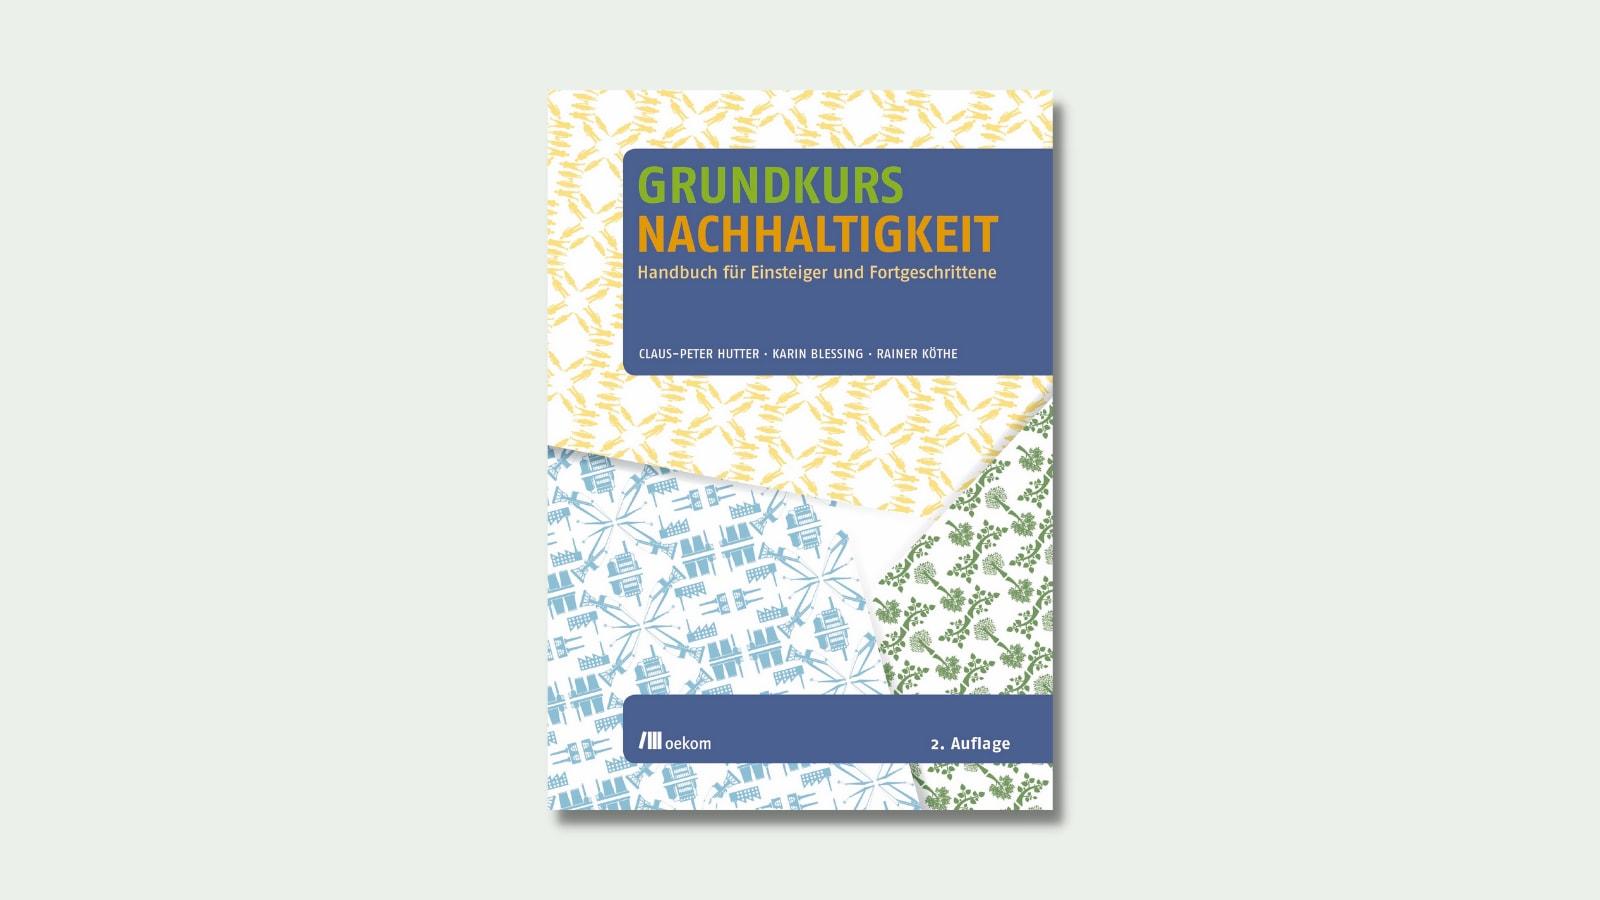 """Das Cover von """"Grundkurs Nachhaltigkeit"""" zeigt verschiedene Muster"""